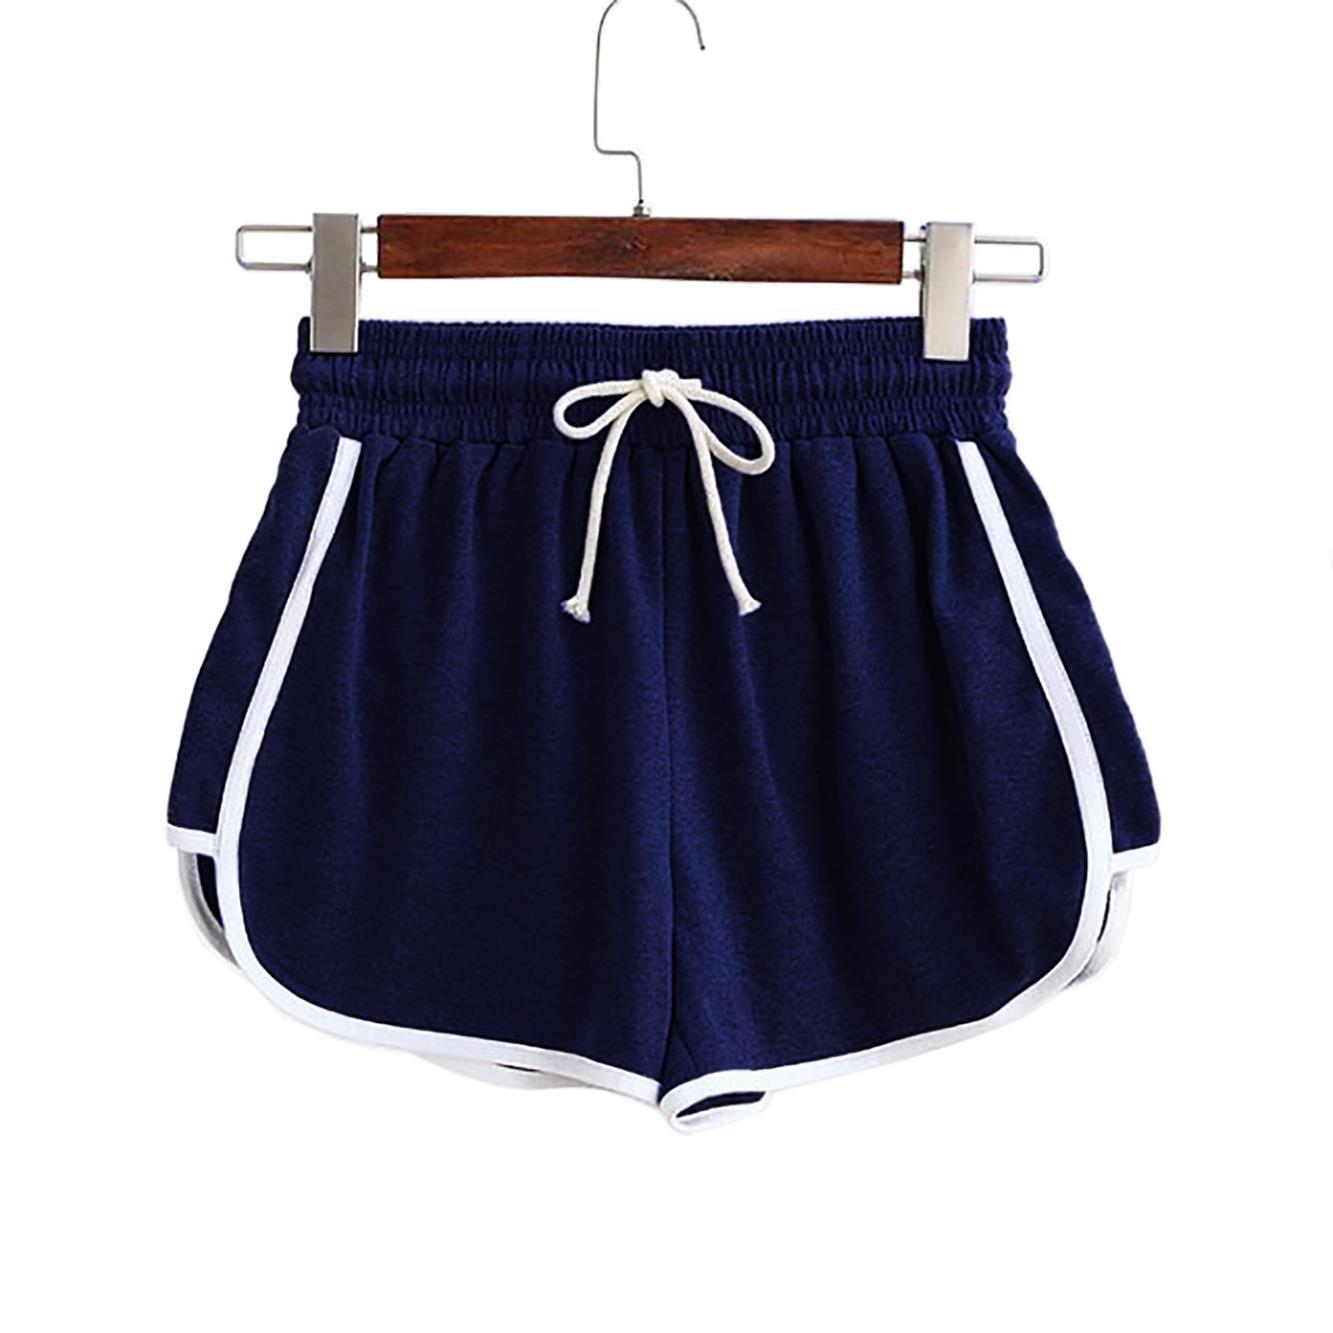 Ropa De Mujer Hacer Yoga Correr Causal Plus Playa Deportes Pantalones Cortos De Verano Js065 Pantalon Corto Para Mujer Gimnasio Ropa Calzado Y Complementos Aniversario Cozumel Gob Mx